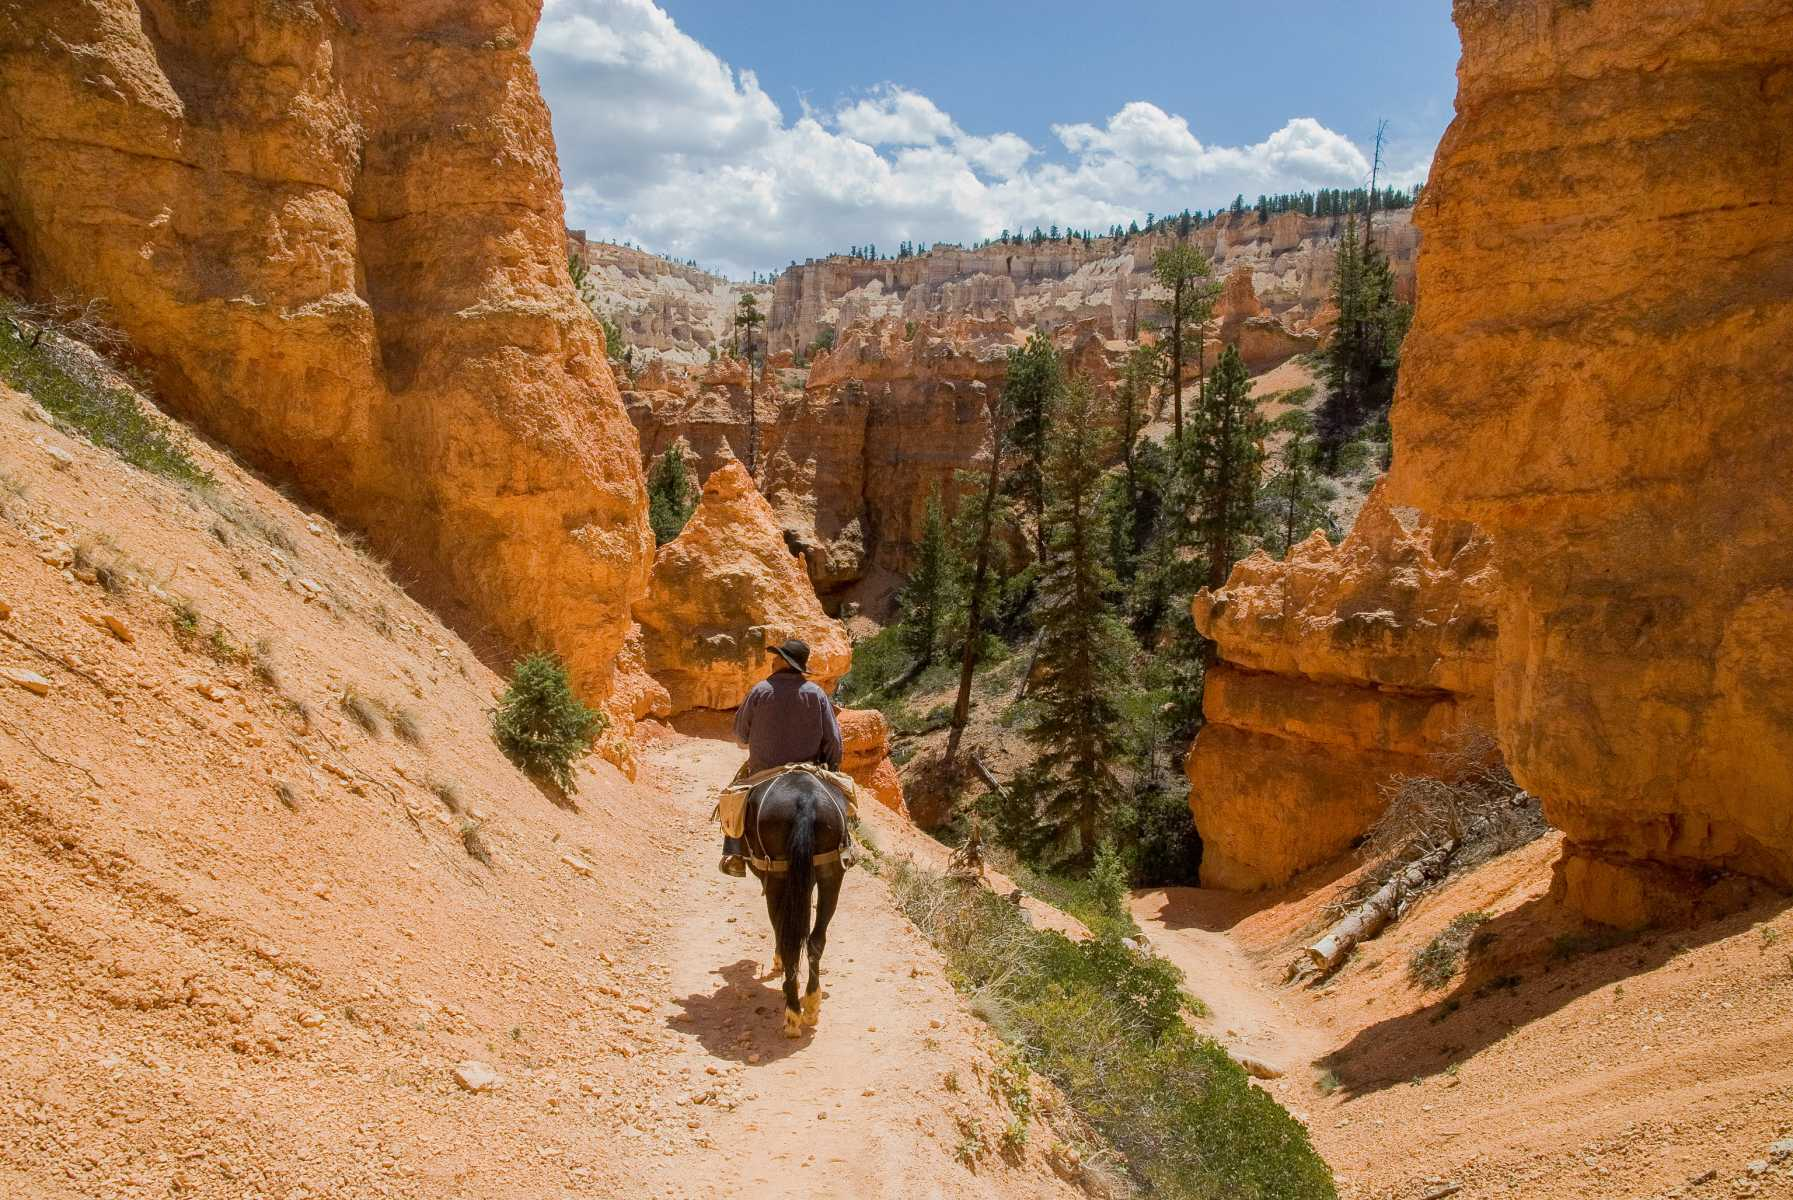 Etats-unis - Parcs de l'Utah - Les cheminées de fée de Bryce Canyon doivent leur couleur rouge aux oxydes de fer déposés il y a 50 millions d'années au fond d'un ancien lac d'eau salé.